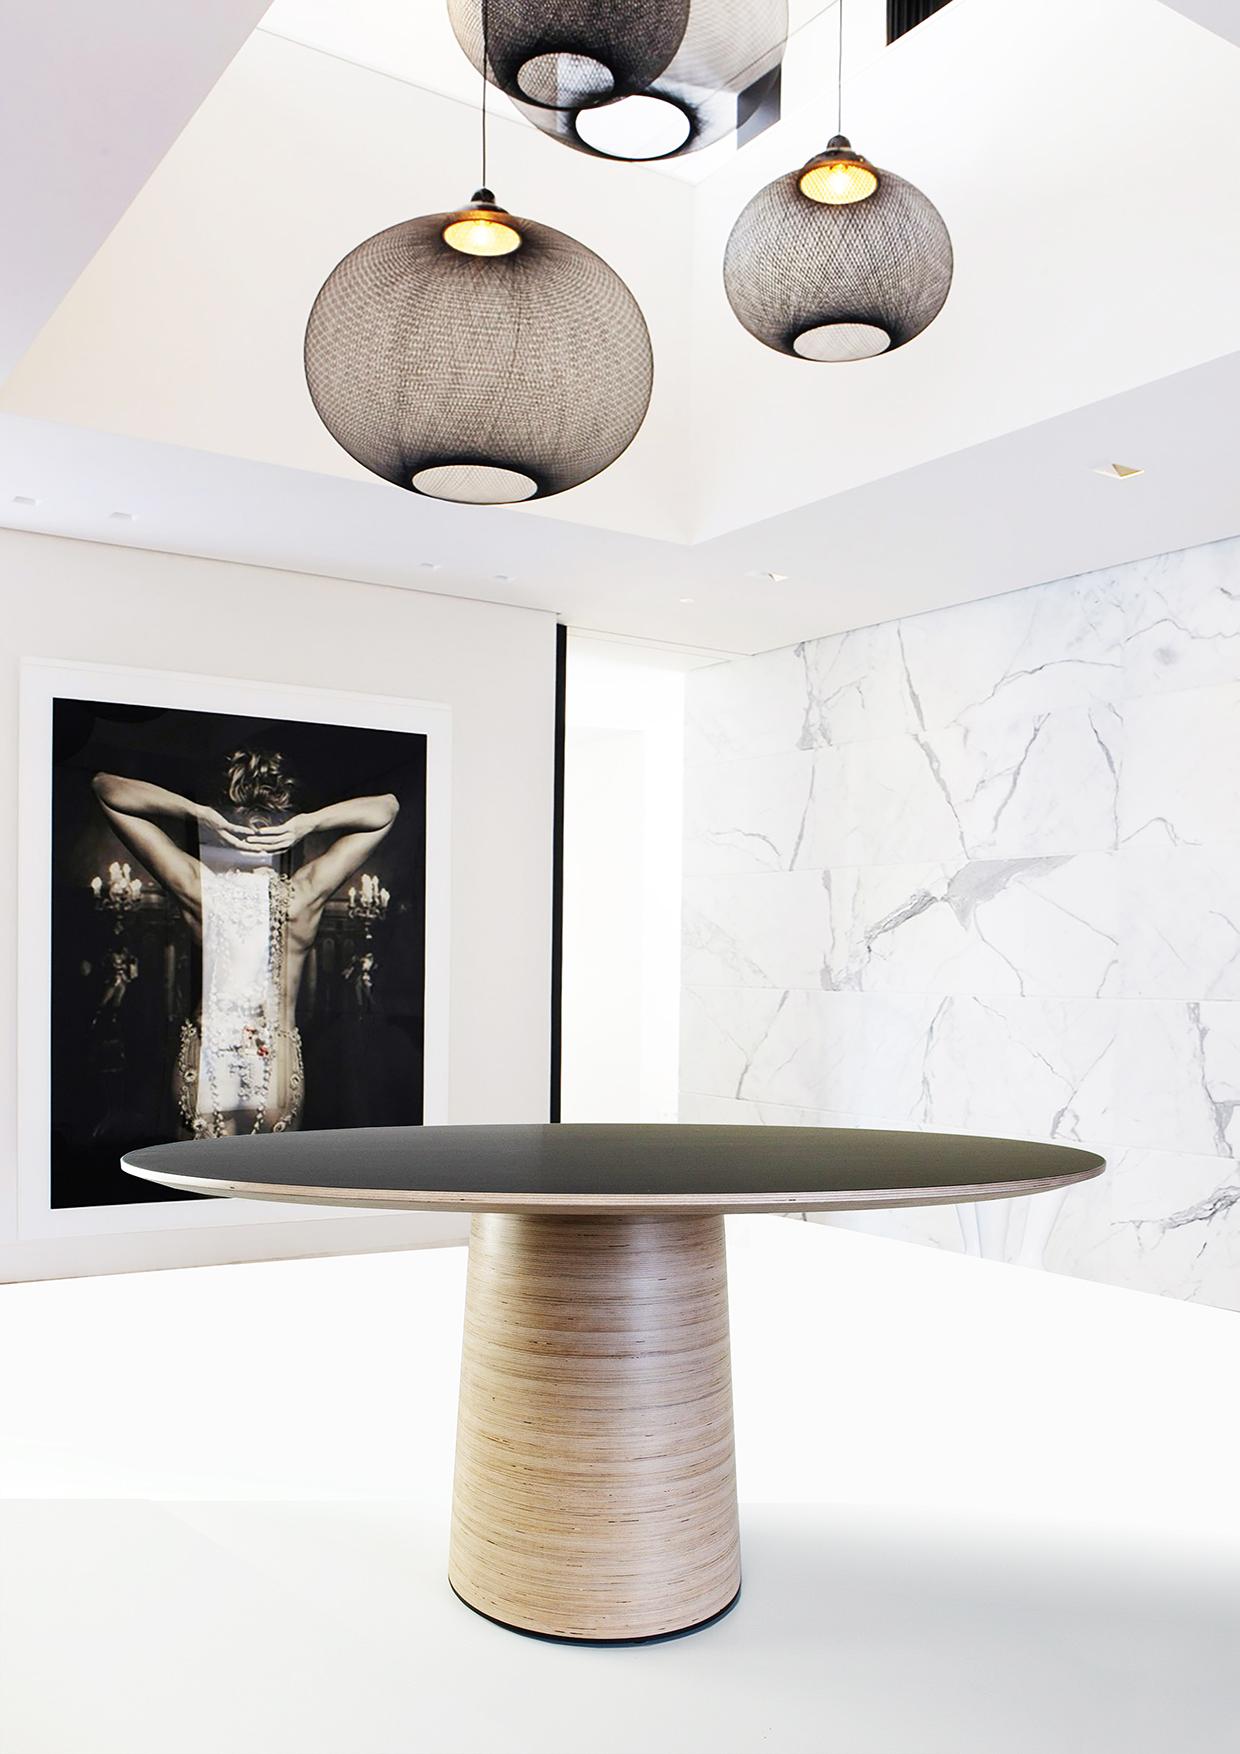 Mushroom Table - Mix with any interior